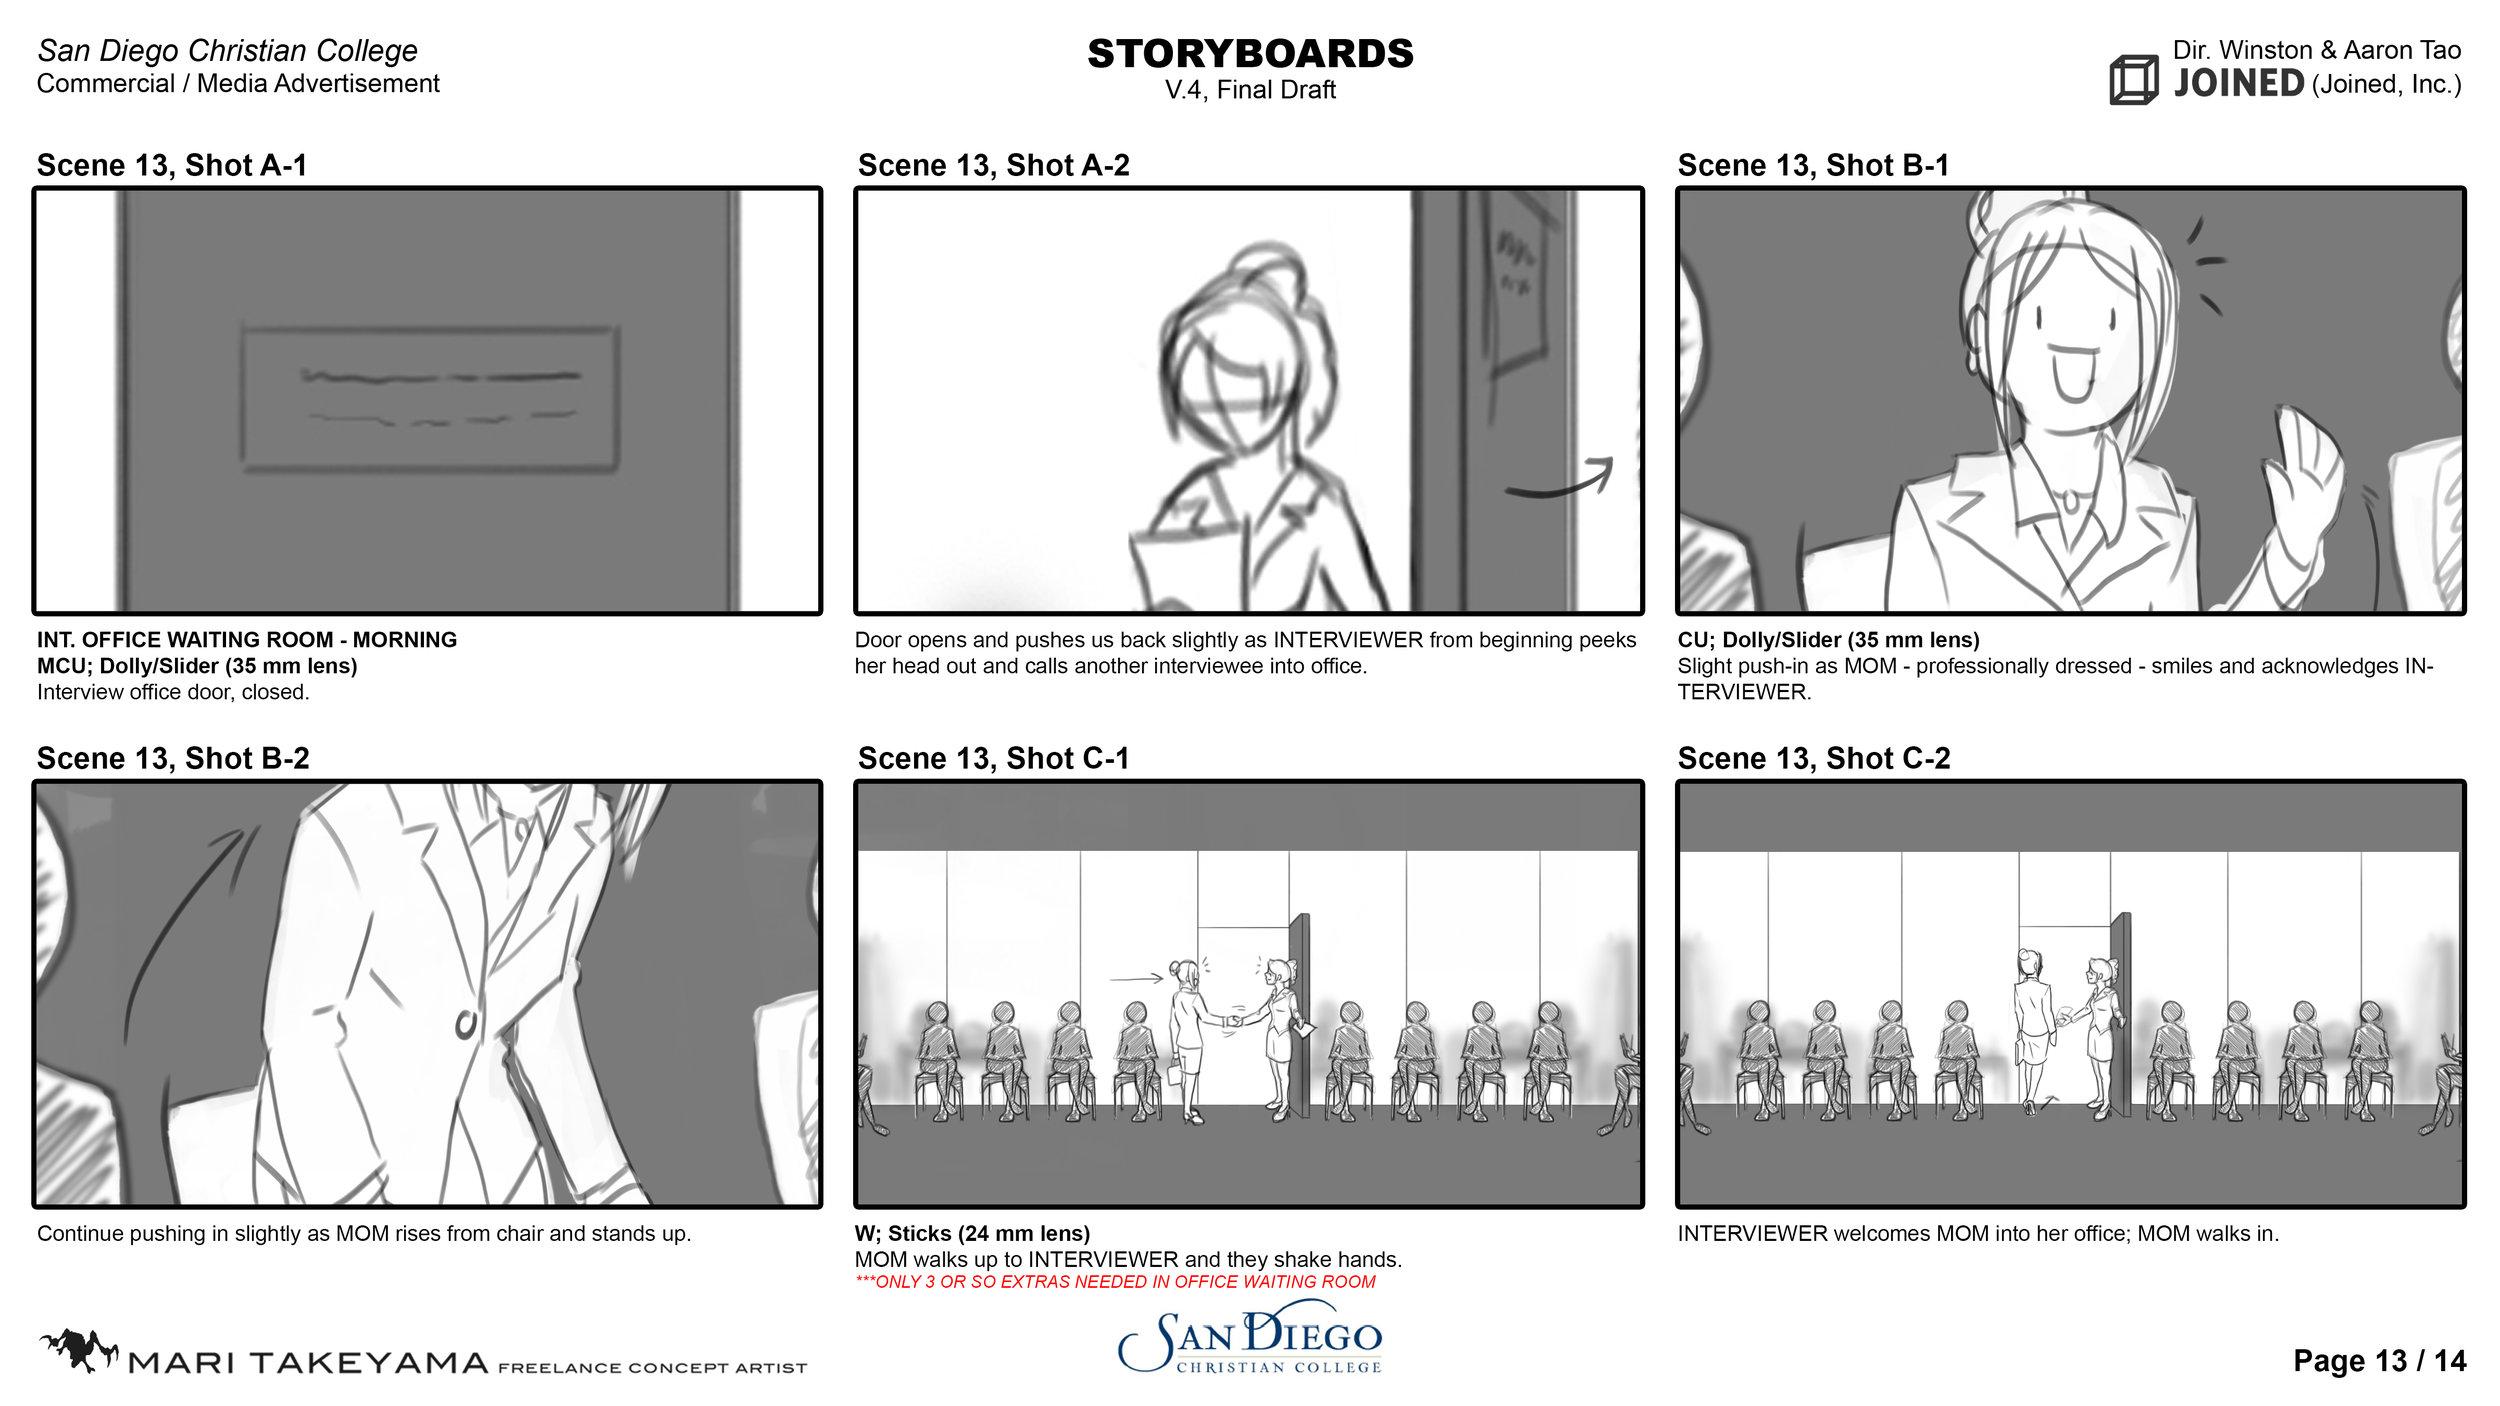 SDCC_Storyboards_FinalDraft_16.jpg